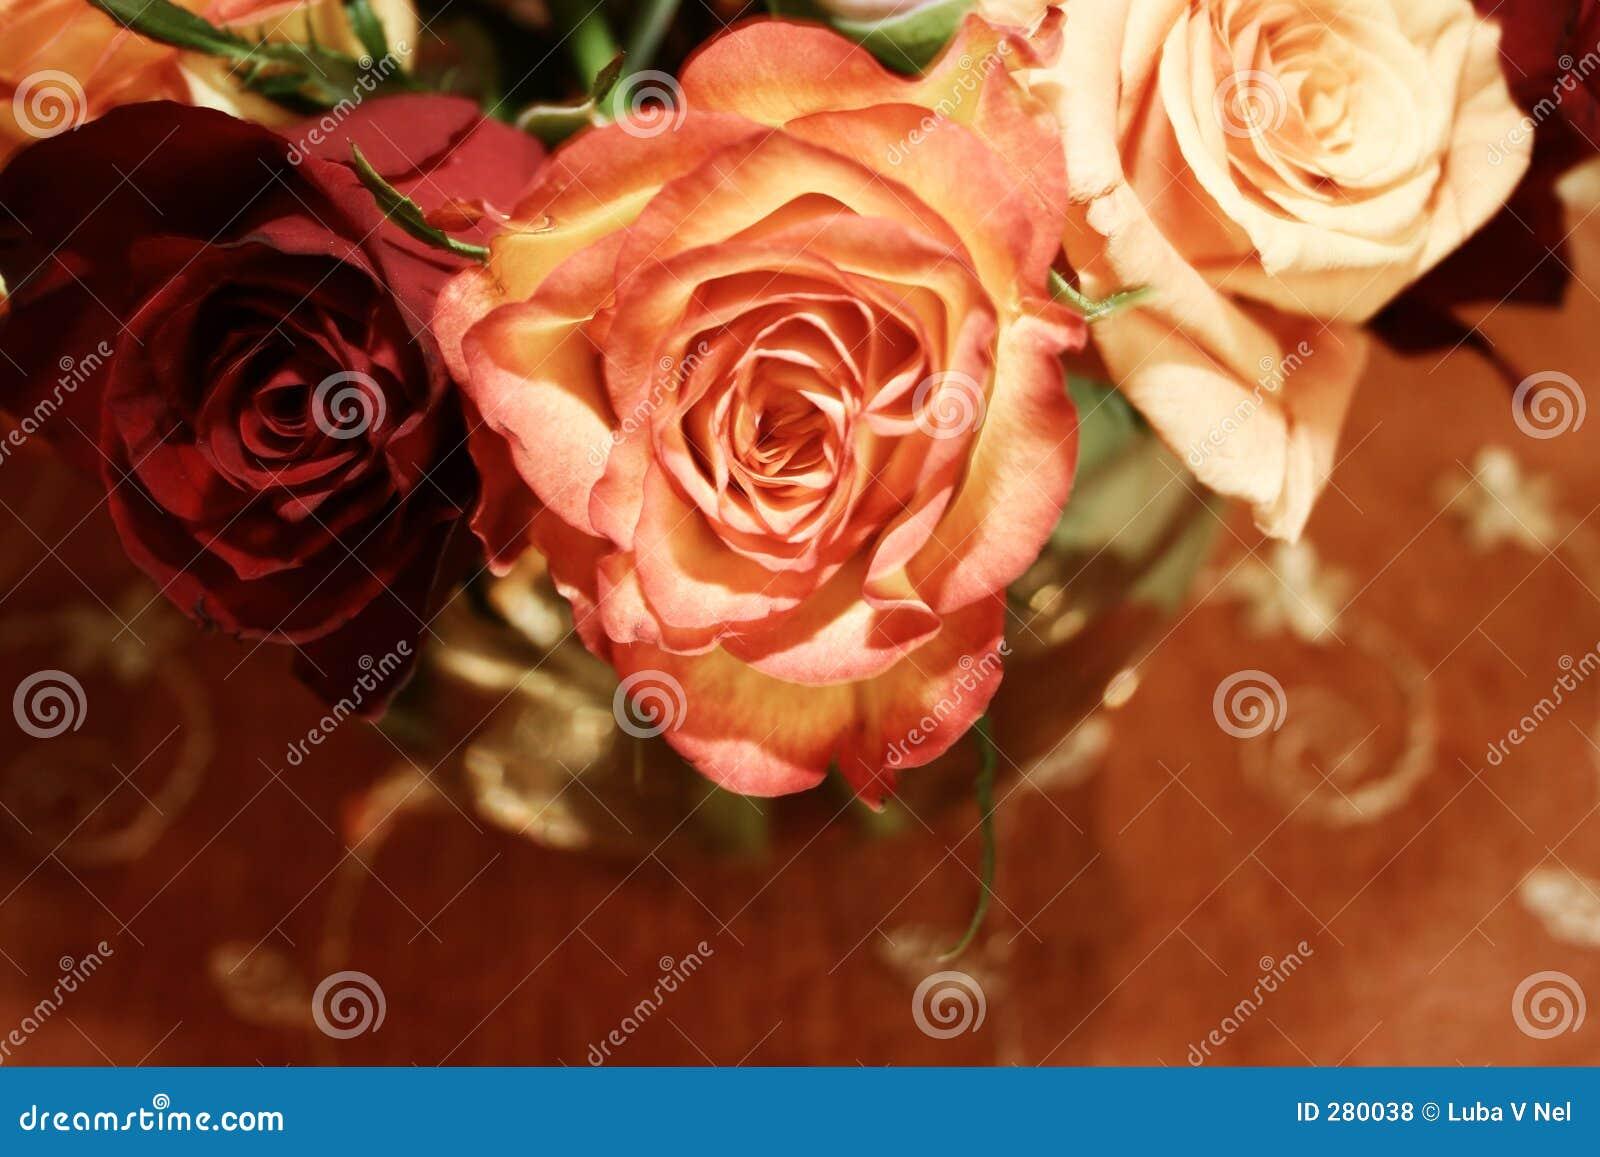 Roses thaïes oranges 021